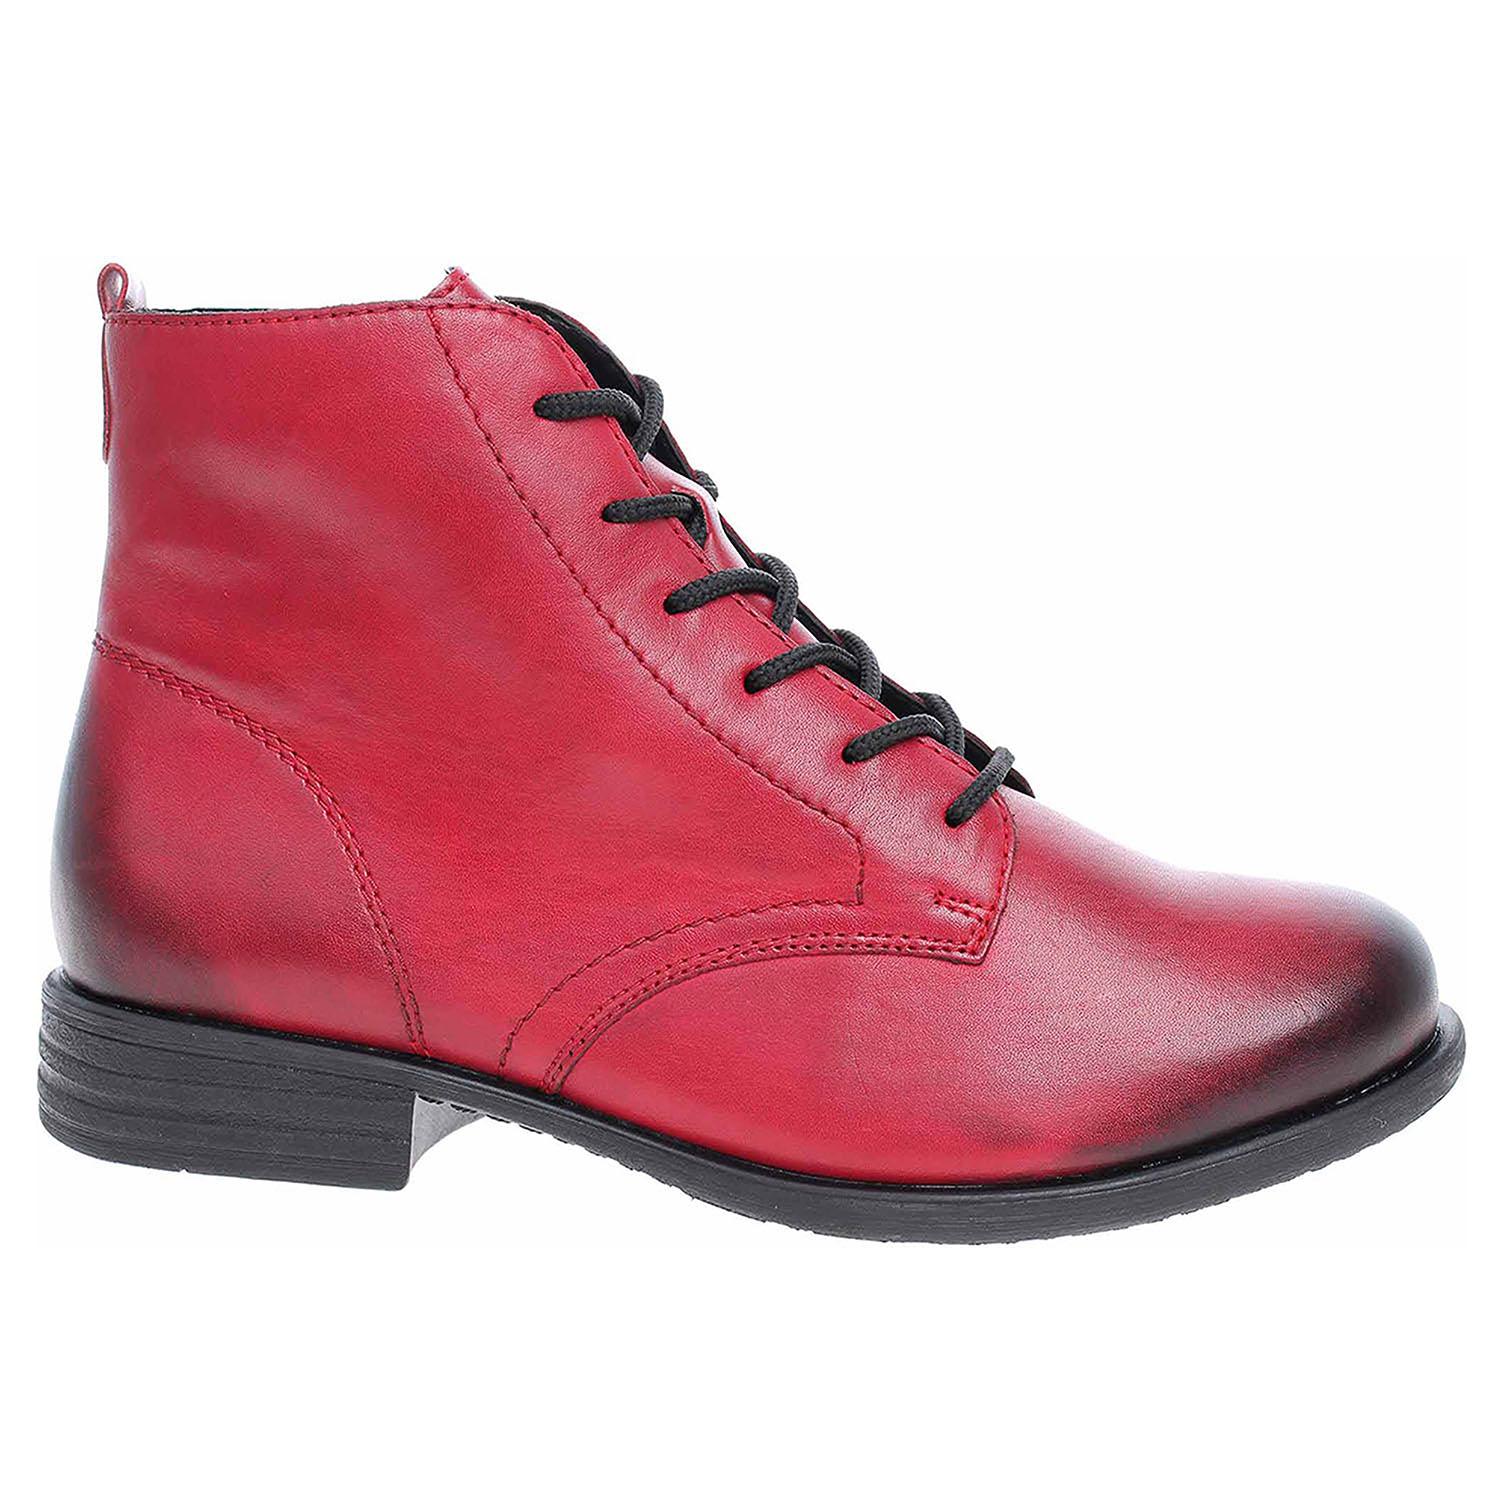 Dámská kotníková obuv Remonte R0971-35 rot R0971-35 39